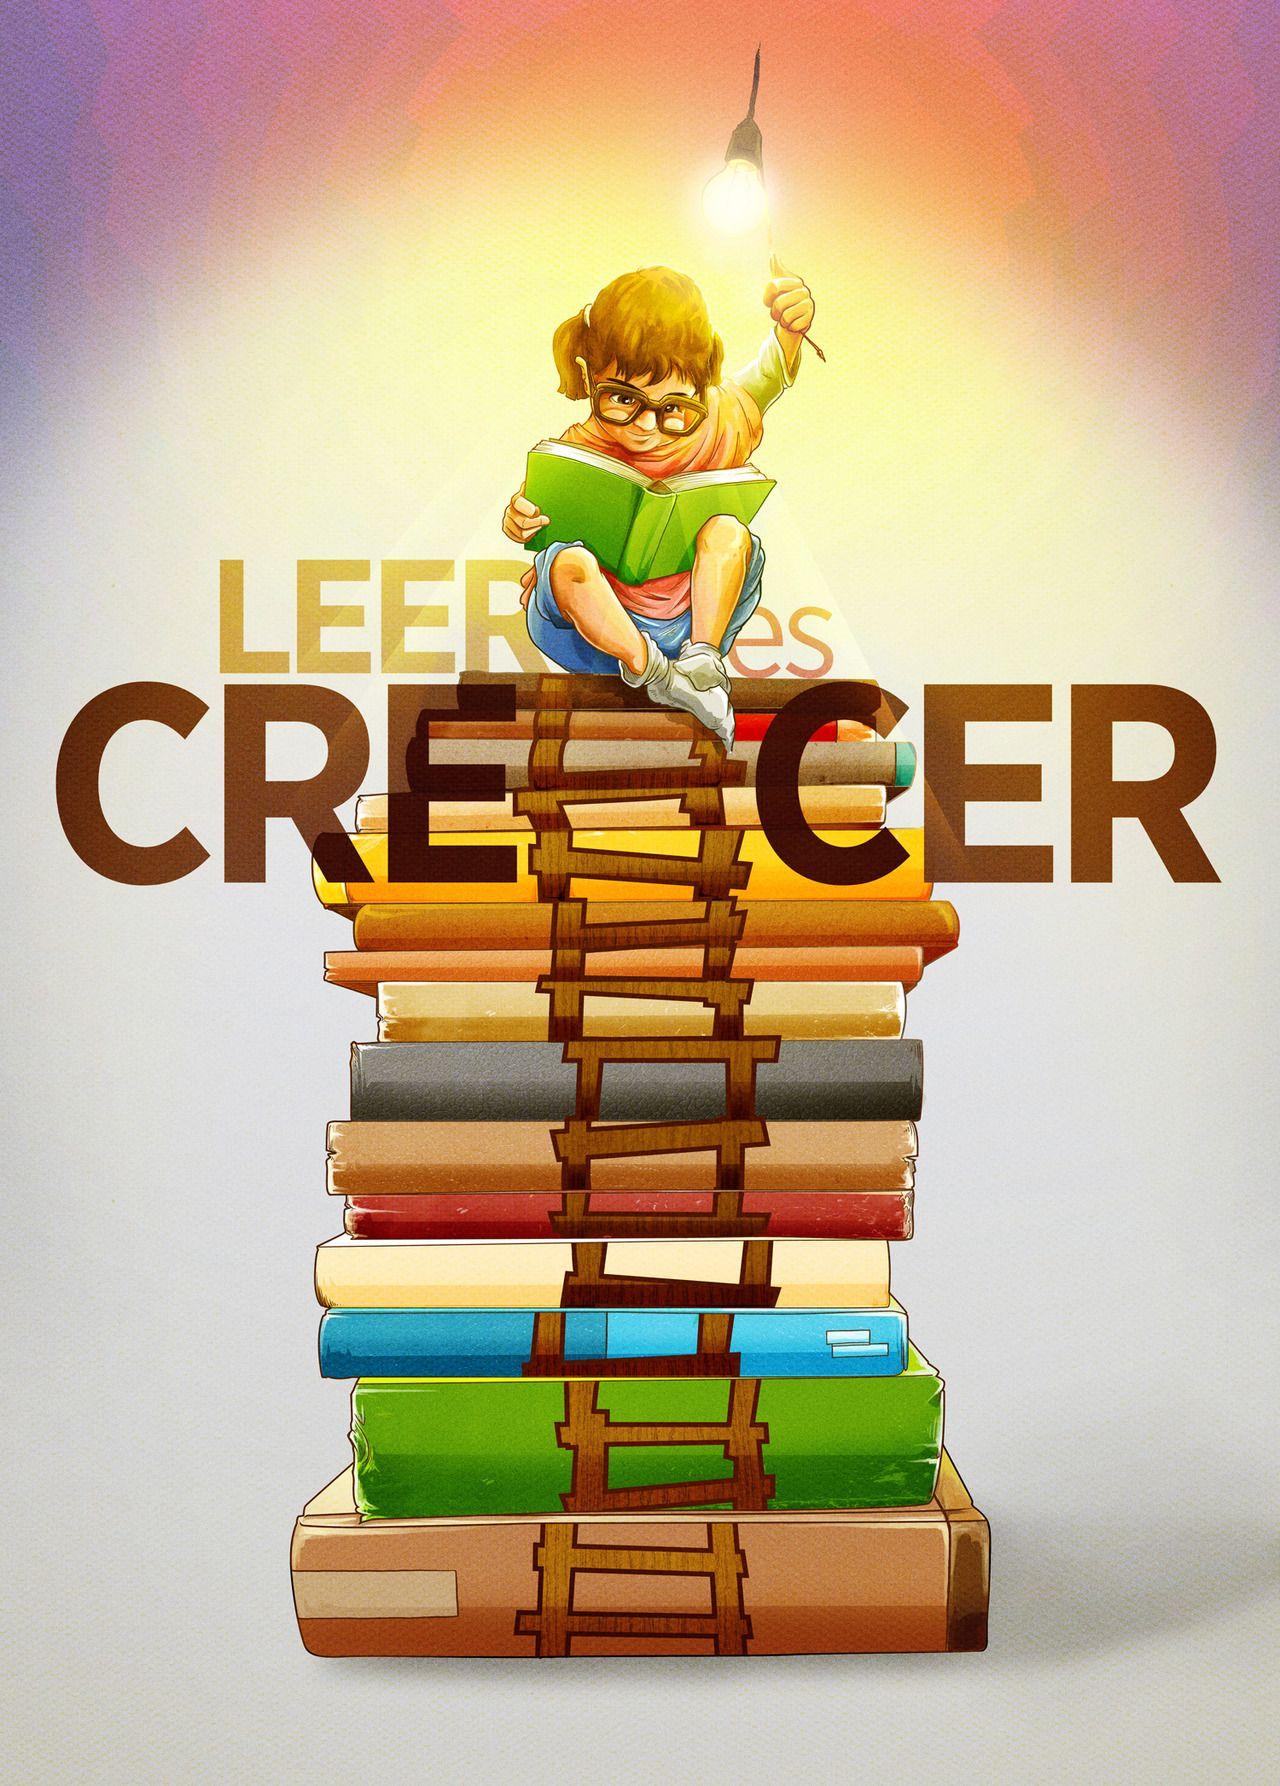 Leer Es Crecer Reading Is Growing By Alberto Arni Imagenes Sobre La Lectura Carteles De Lectura Leer